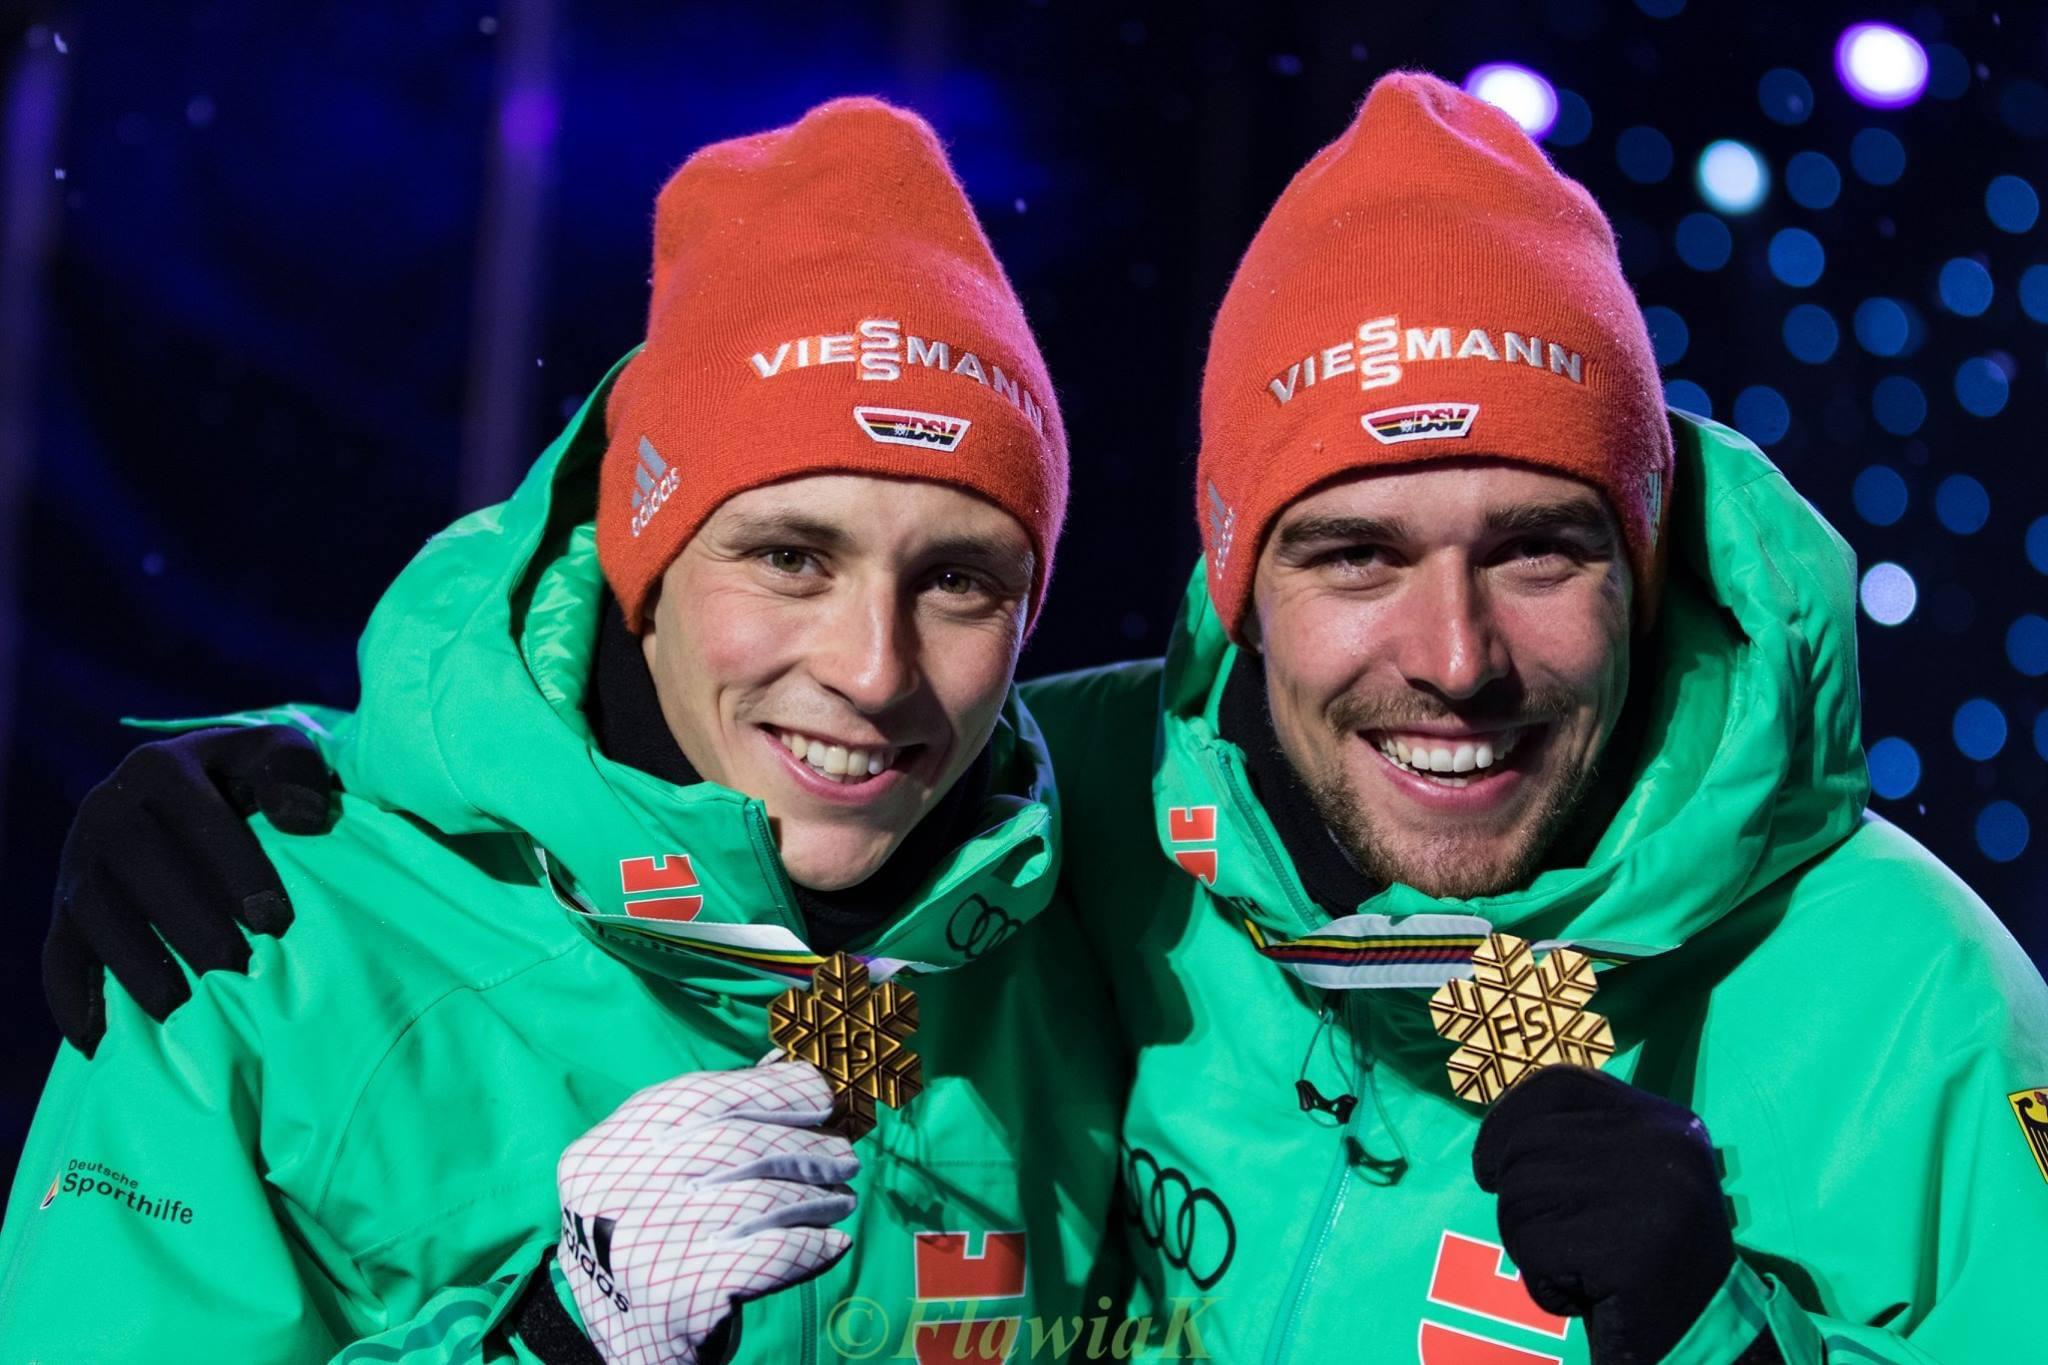 Эрик Френцель и Йоханнес Ридцек; Лахти-2017